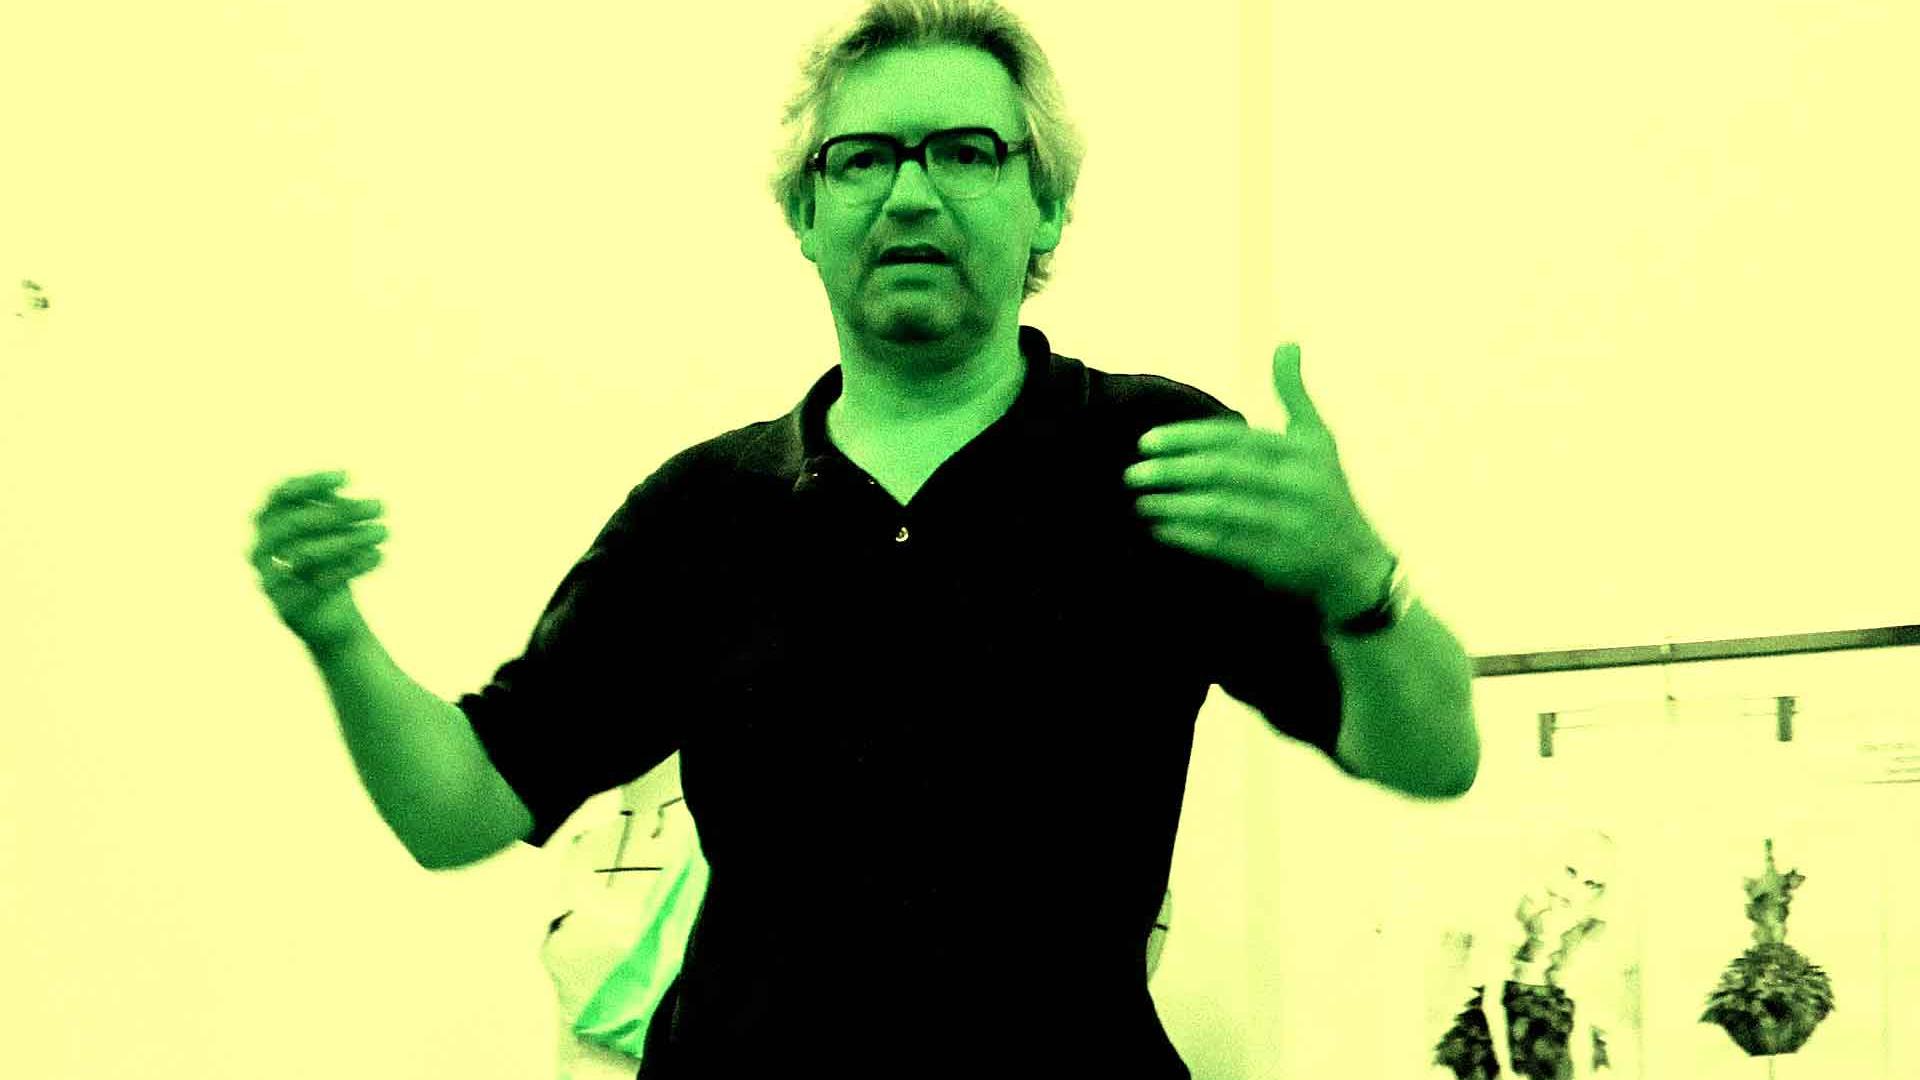 Prof. Dr. Thomas Friedrich bei einem Ateliergespräch am 17. Juni 2010 im Atelier von Wolfgang Beinert in Berlin.